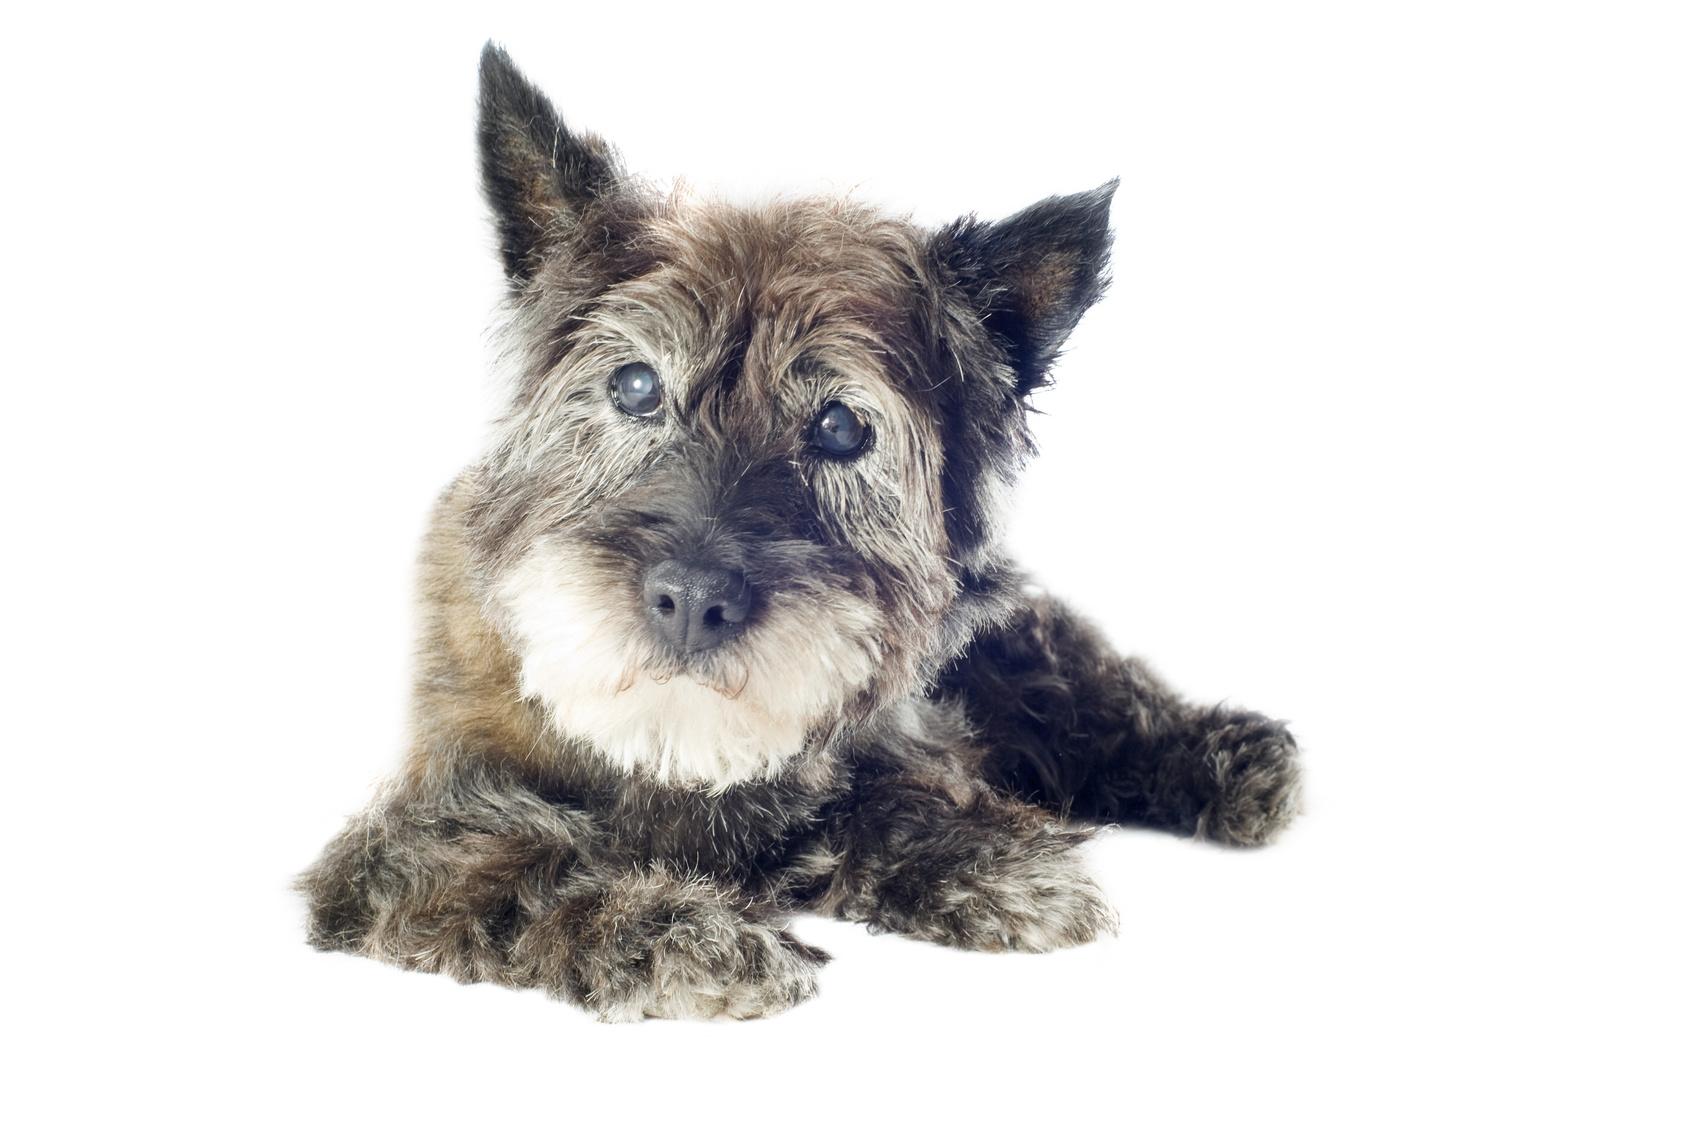 犬や猫の目が白い気がする。これって白内障!?